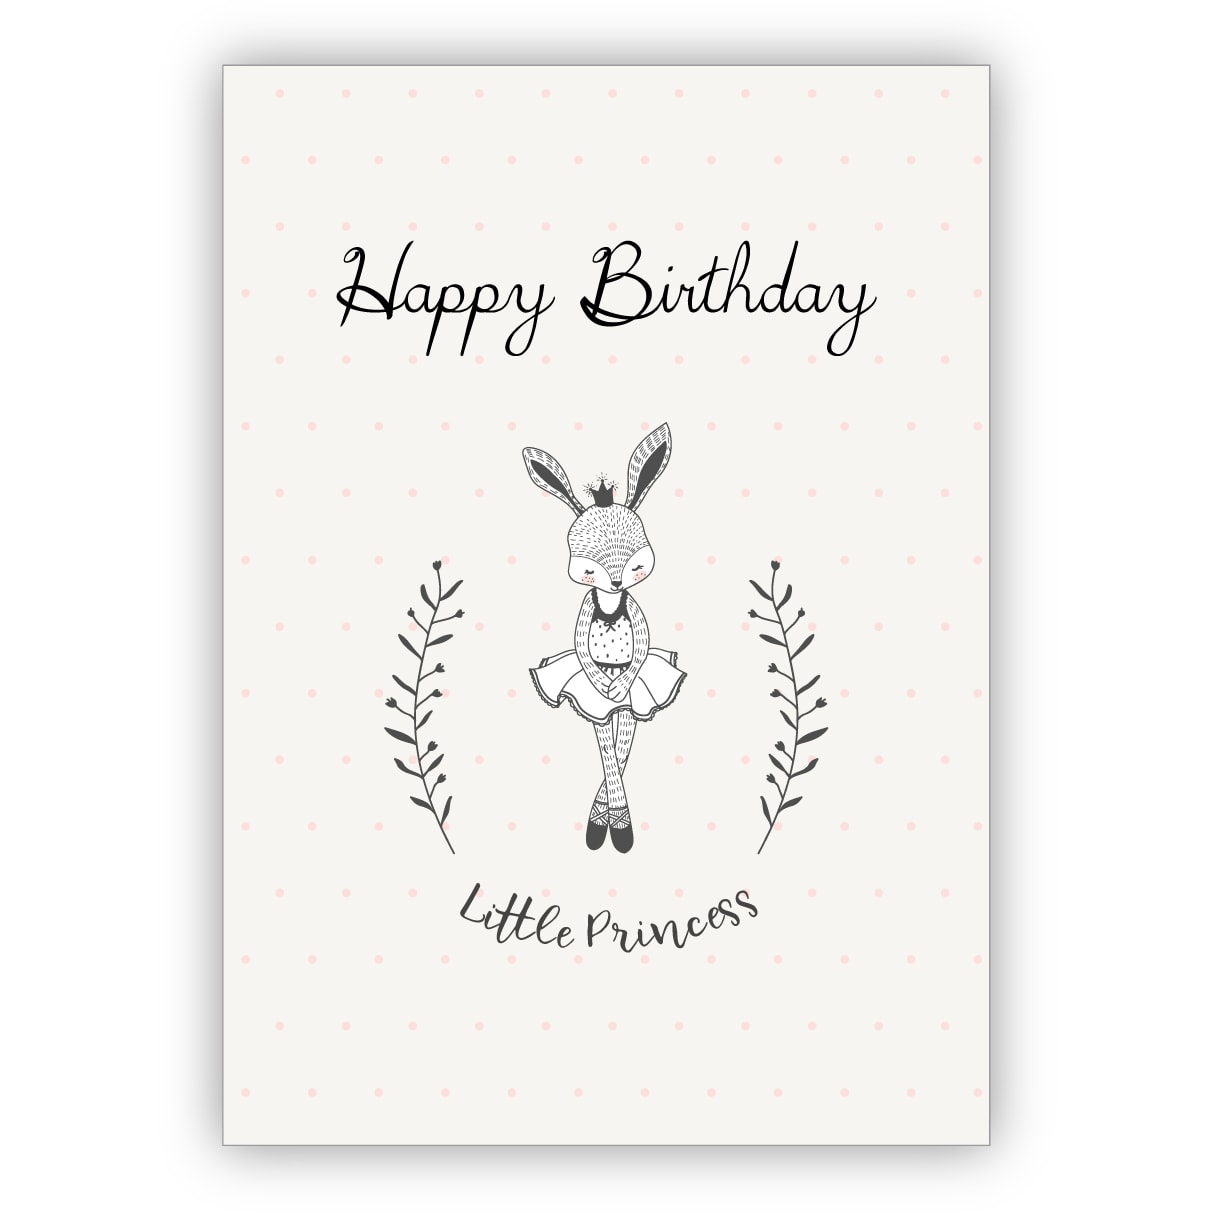 Süße Geburtstagskarte Mit Ballerina Häschen: Happy Birthday Little Princess  - Für Mädchen Zum Geburtstag mit Geburtstagskarte Geburtstag